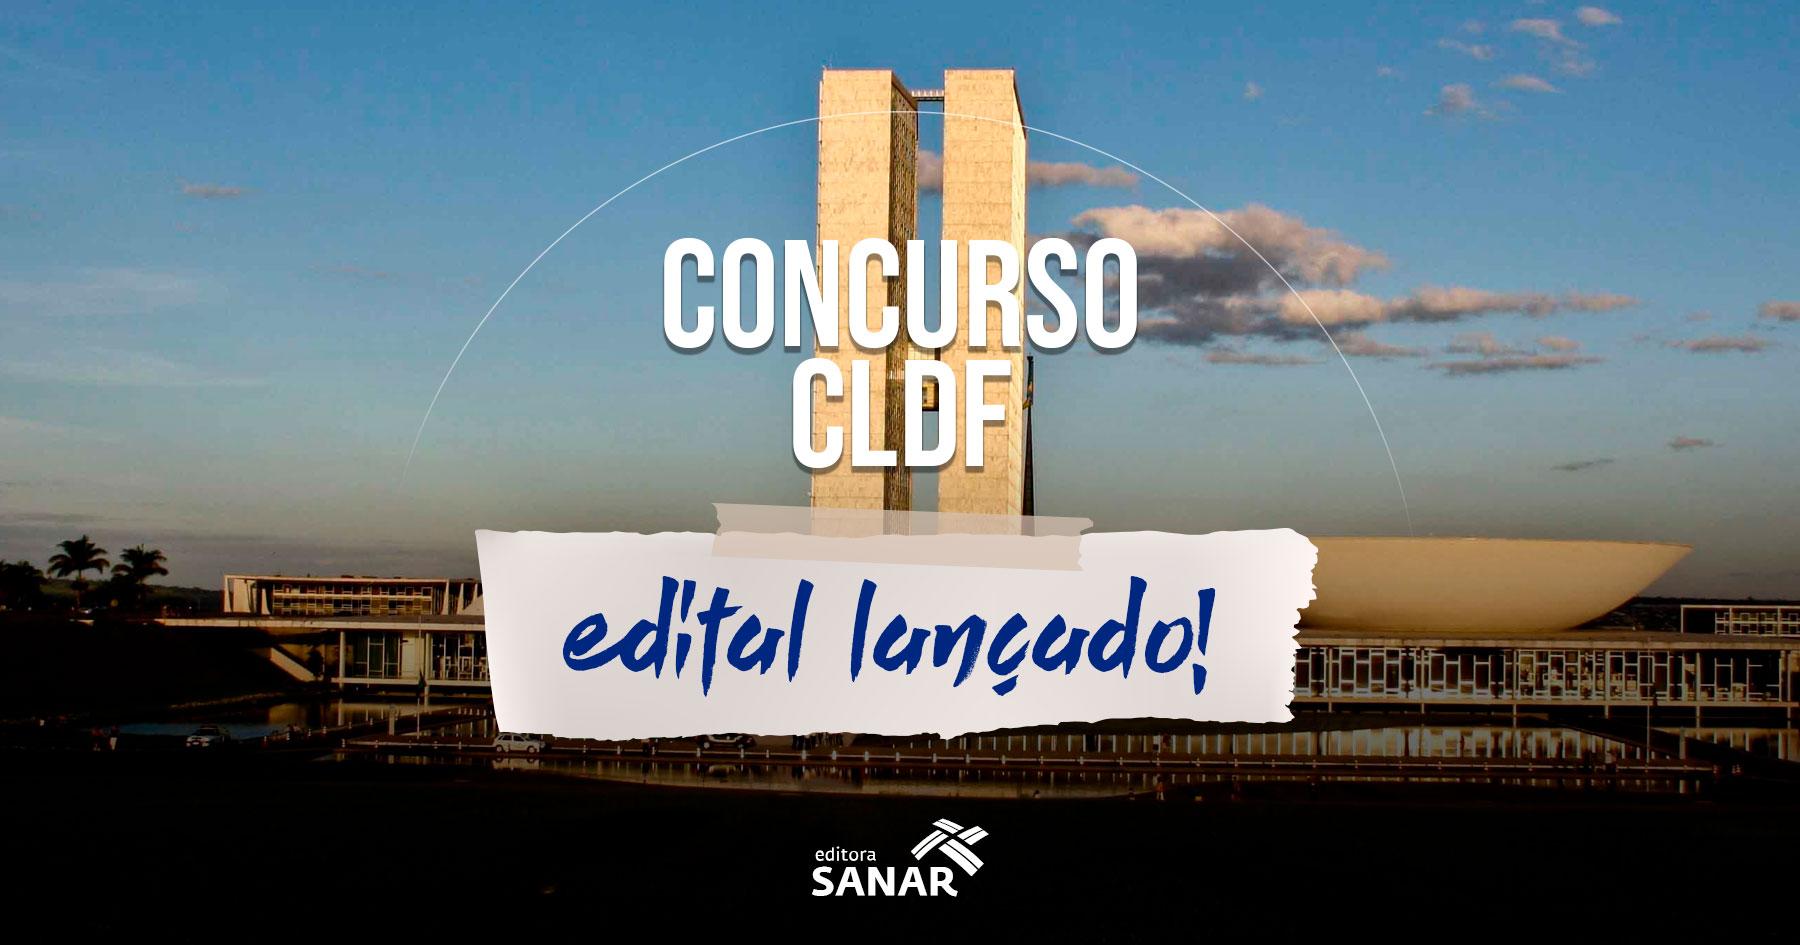 Concurso CLDF: confira os detalhes de cada edital